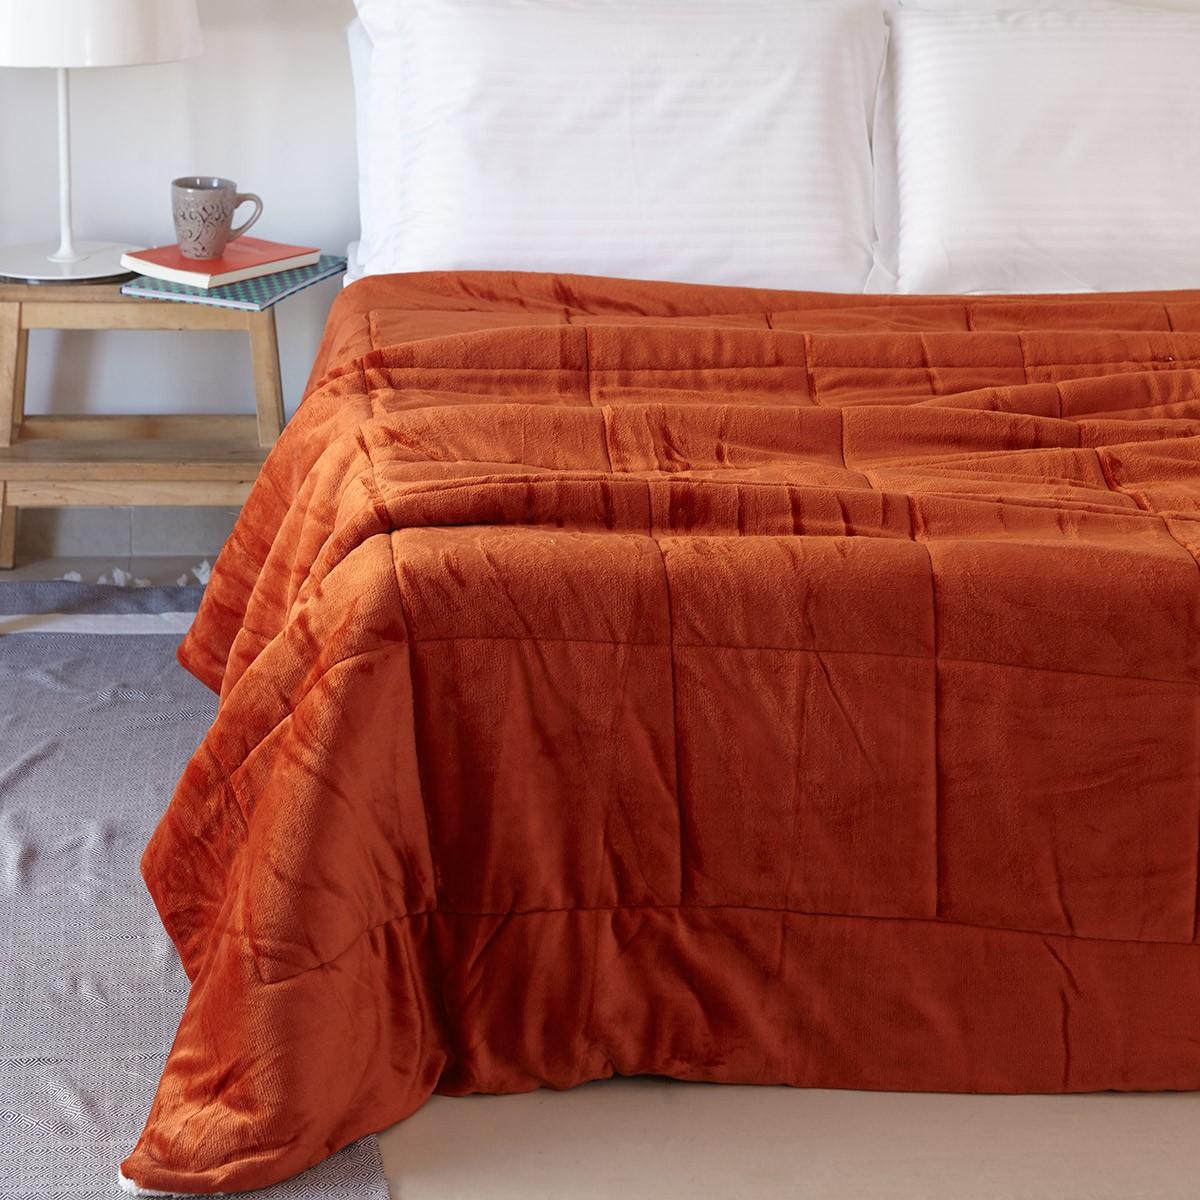 Κουβερτοπάπλωμα Υπέρδιπλο Melinen Molly Autumn home   κρεβατοκάμαρα   παπλώματα   κουβερτοπαπλώματα